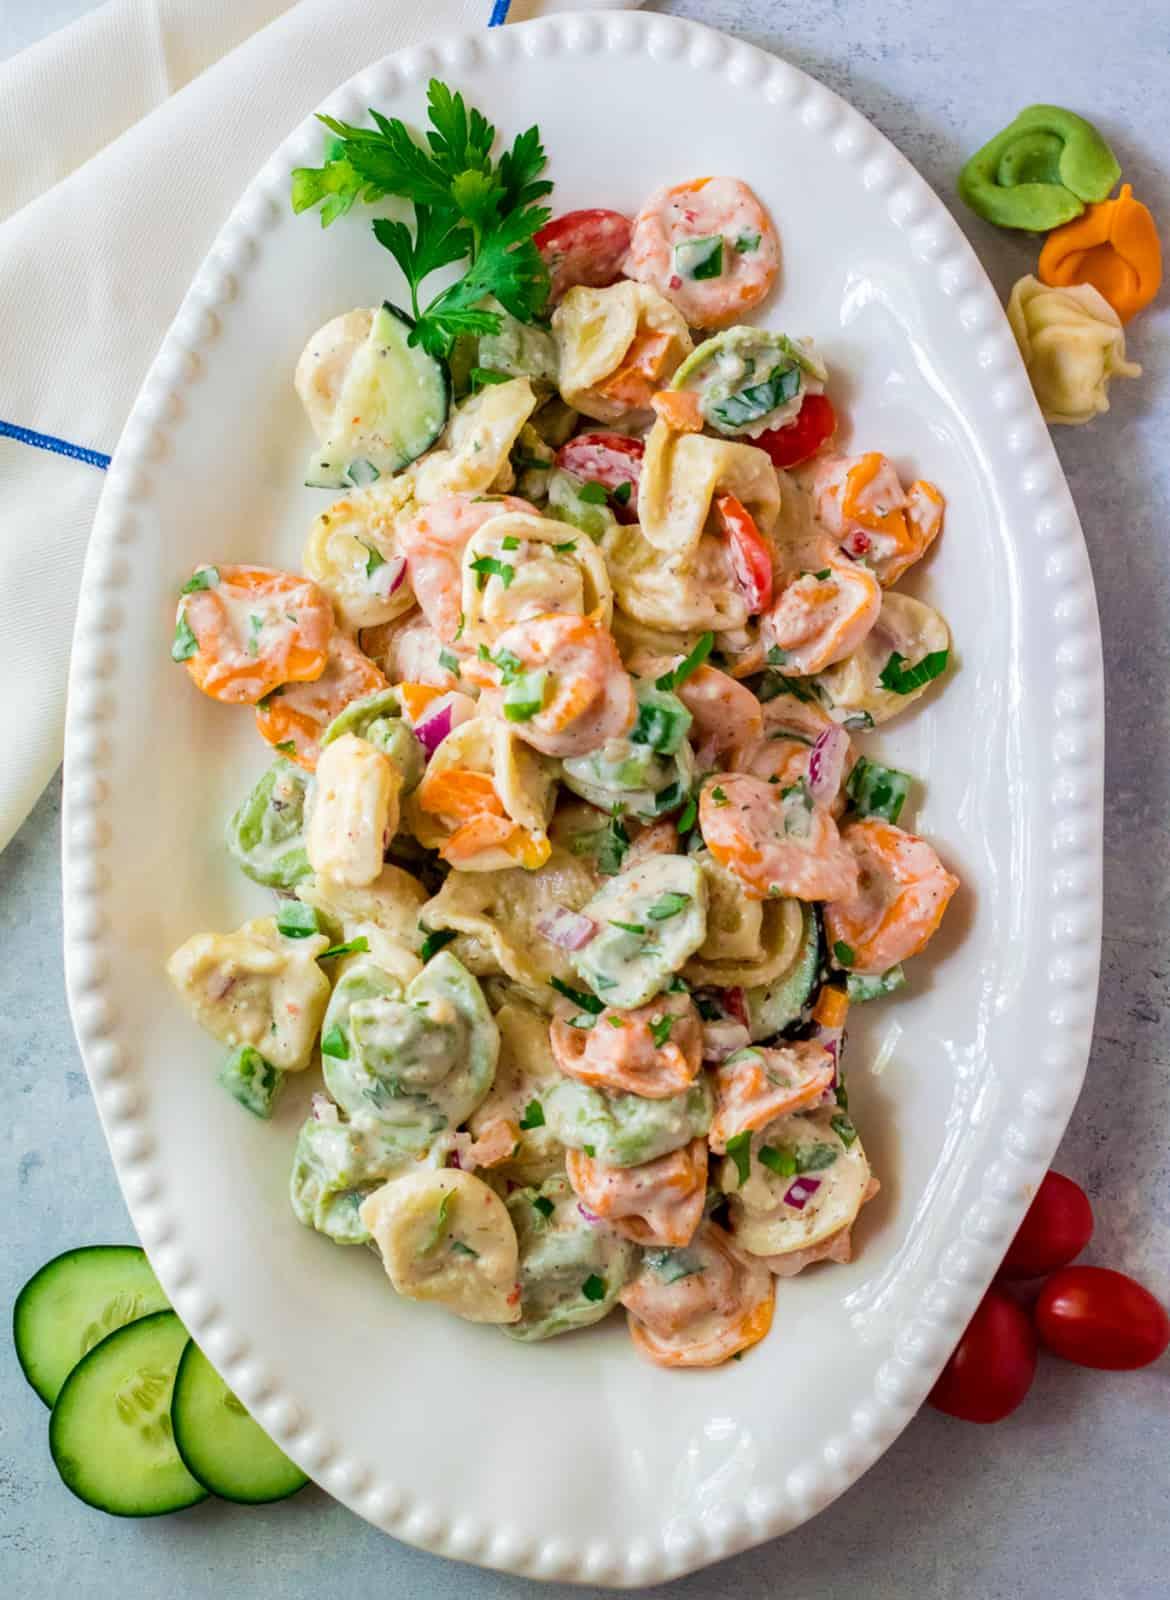 Overhead of salad on platter